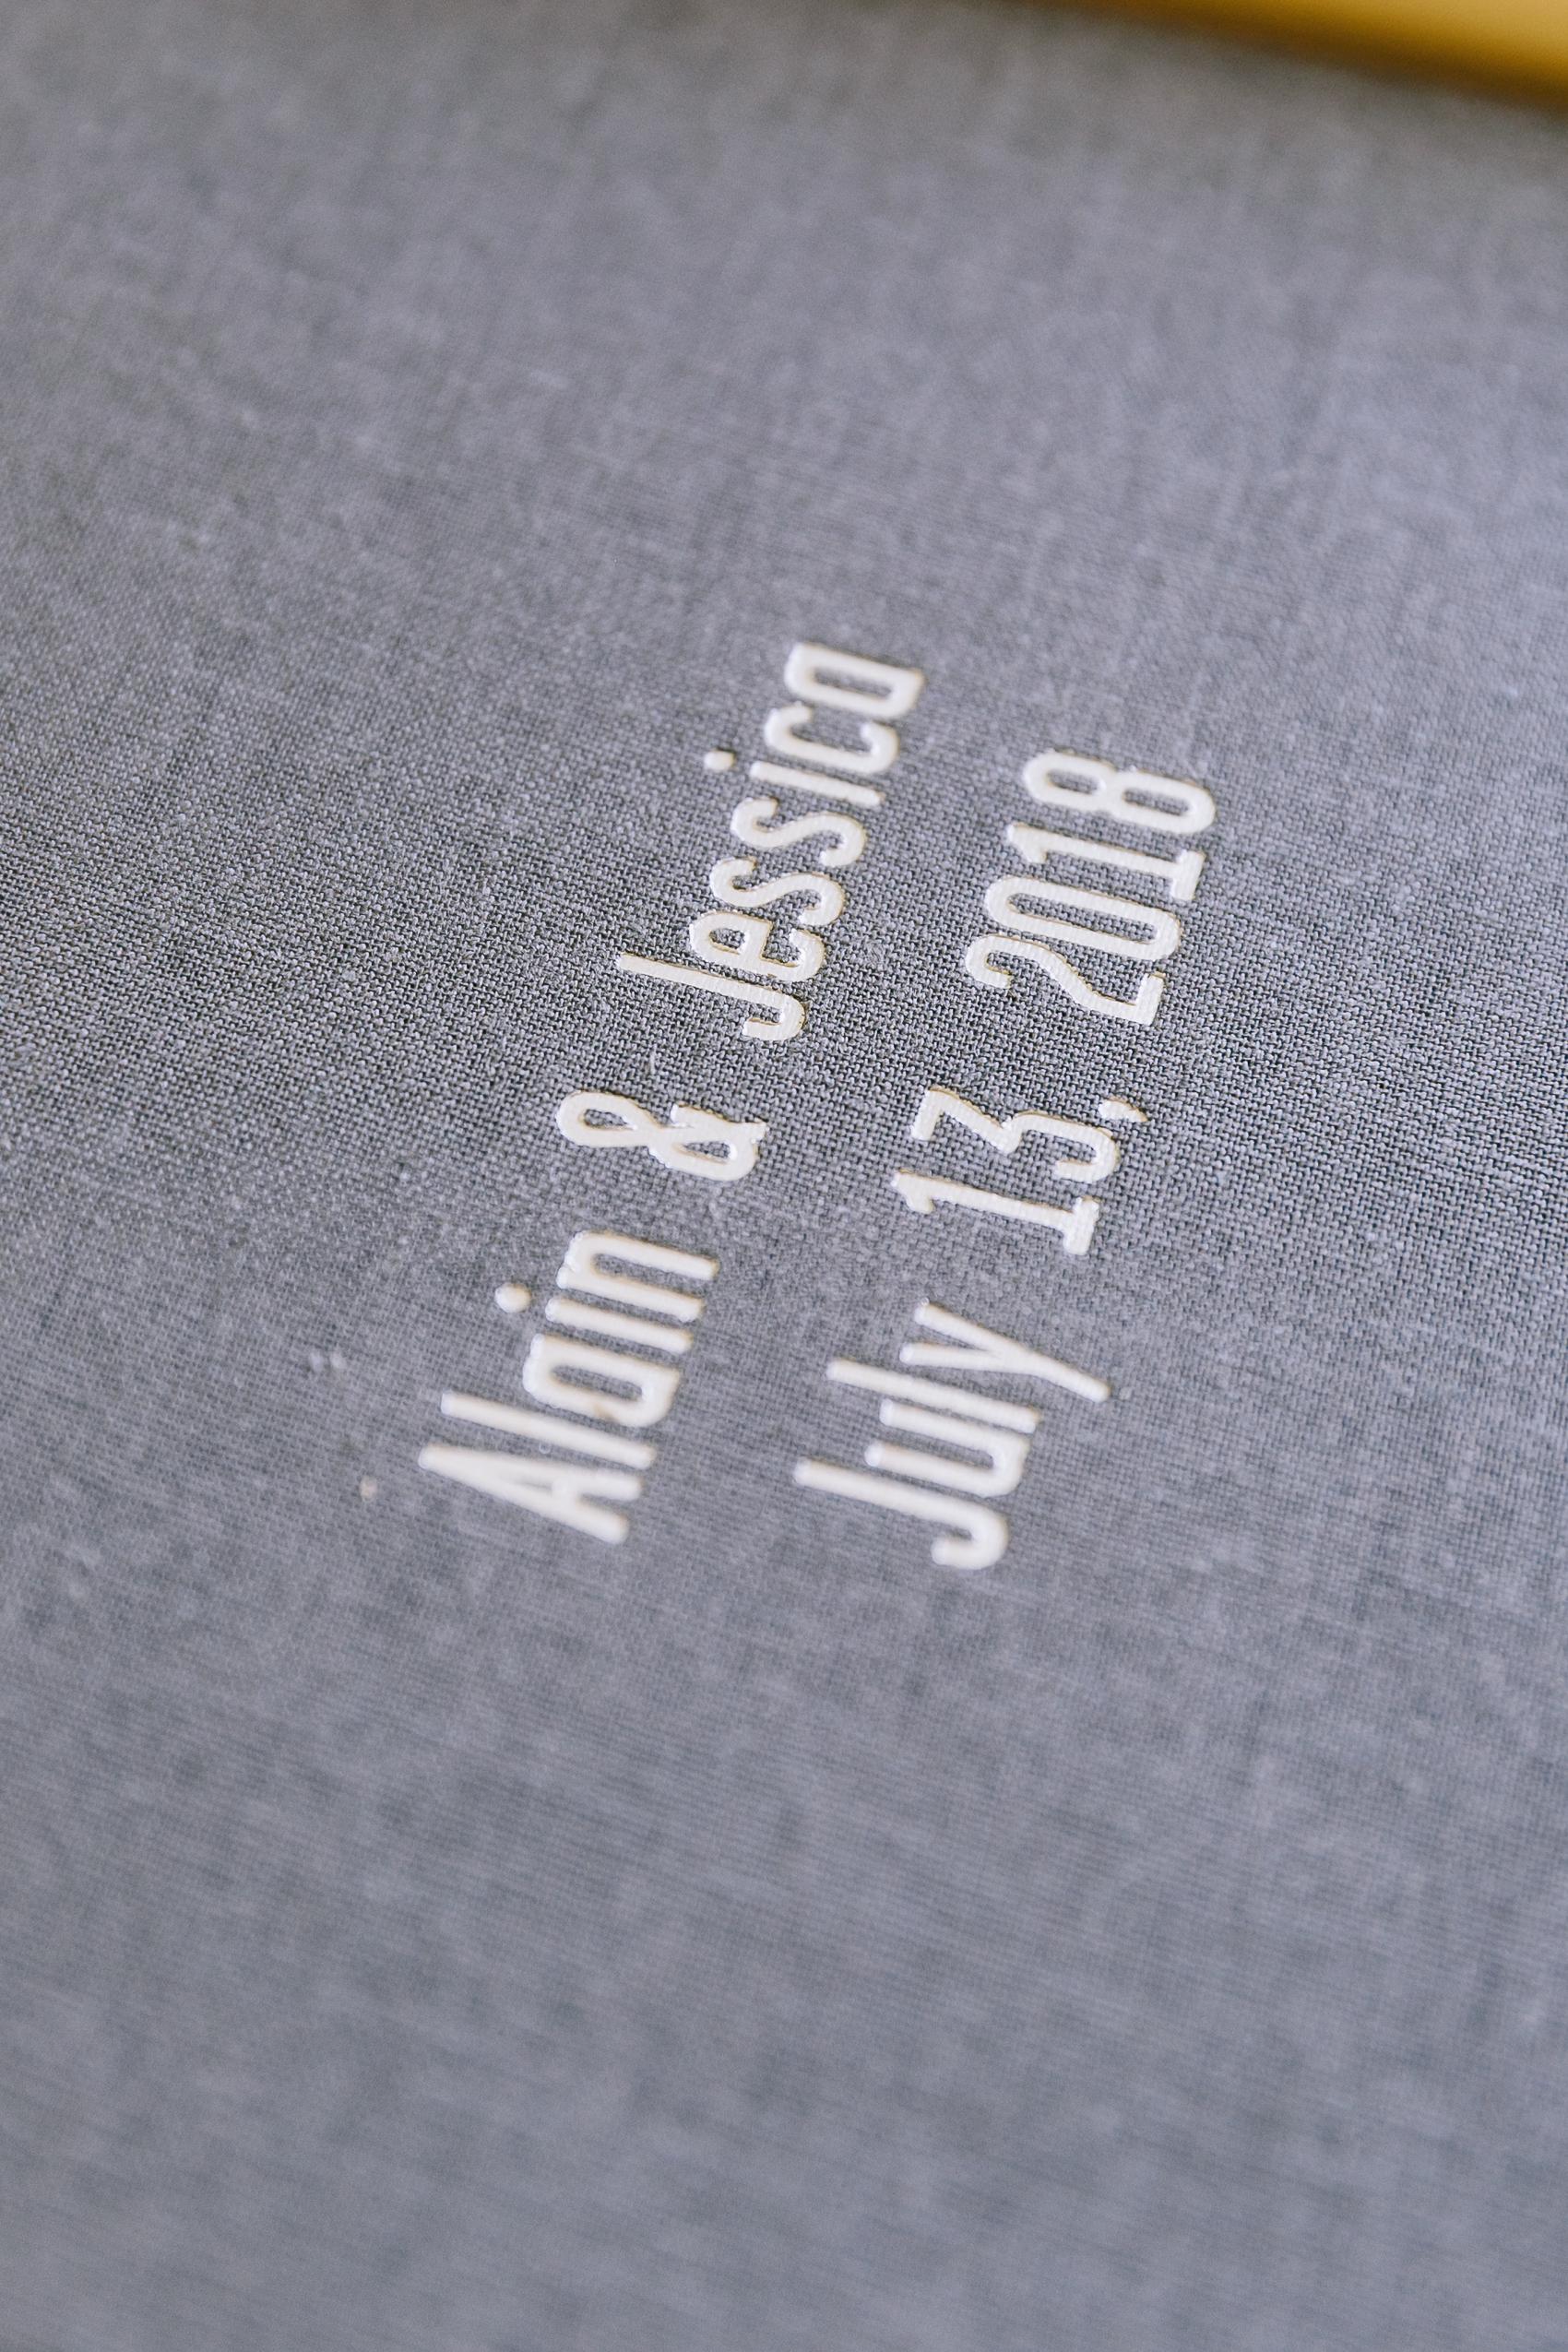 Books2019-0060.jpg